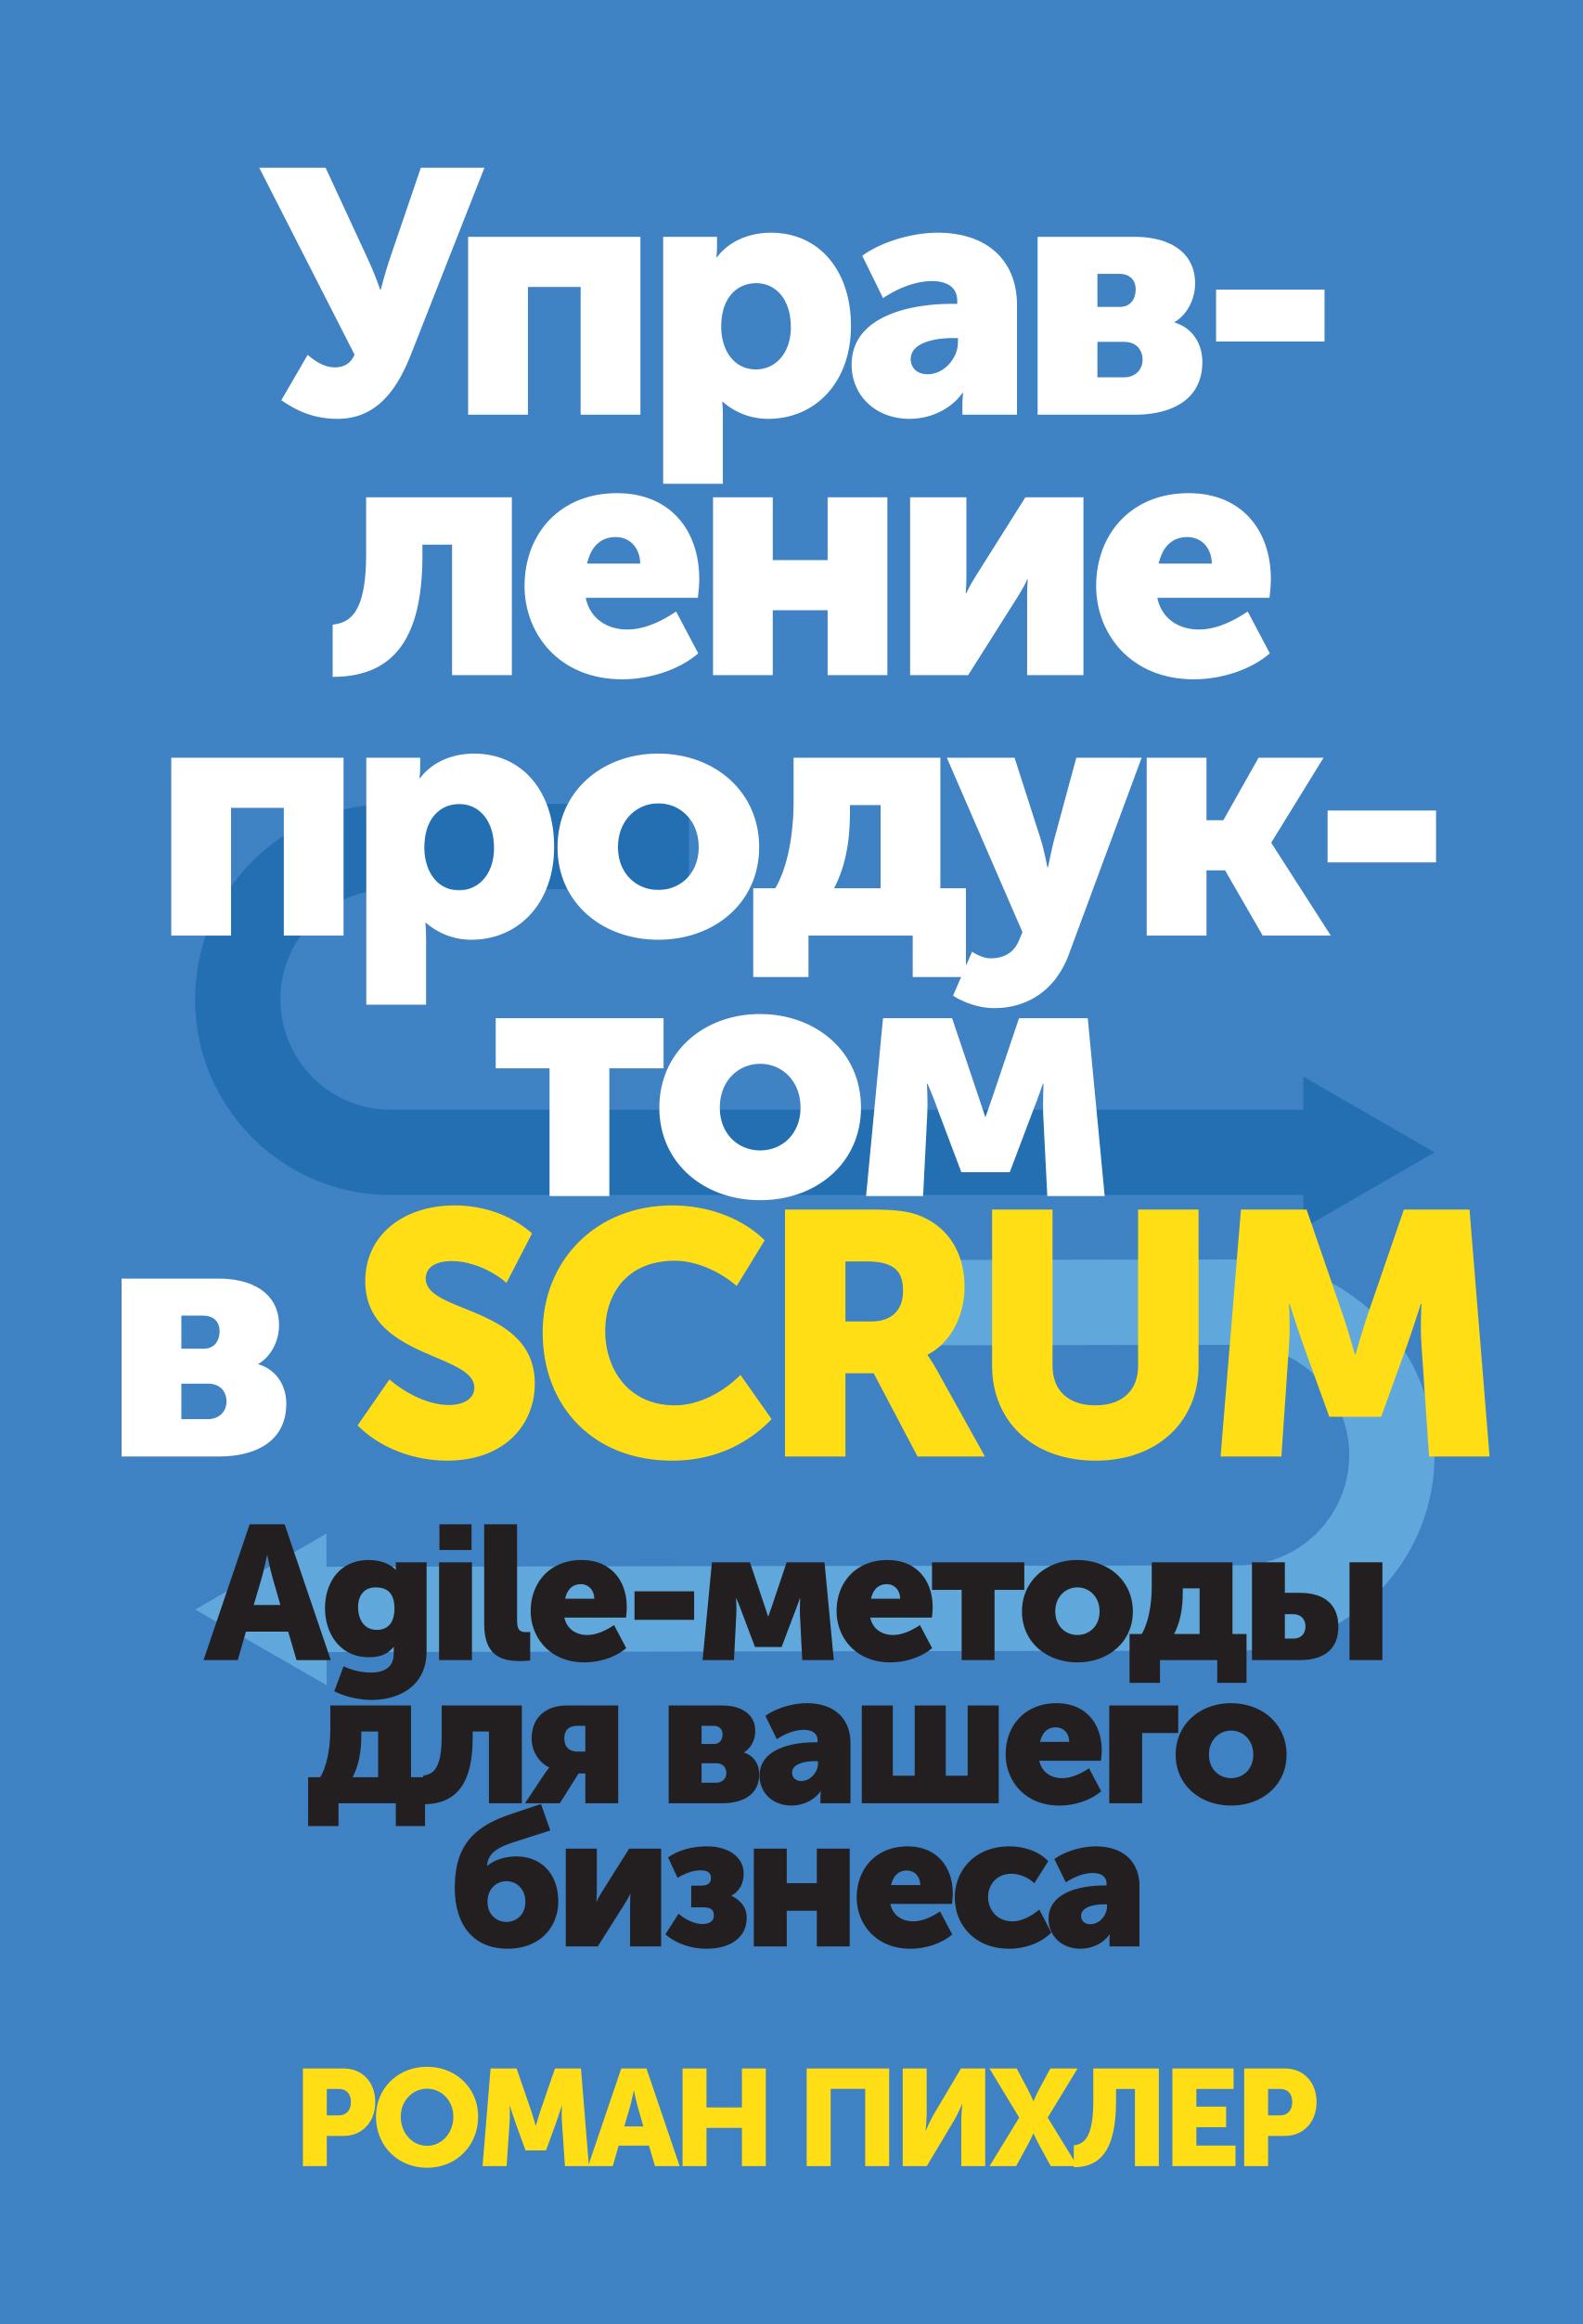 Пихлер Р. Управление продуктом в Scrum. Agile-методы для вашего бизнеса майк олдфилд mike oldfield tubular bells ii lp